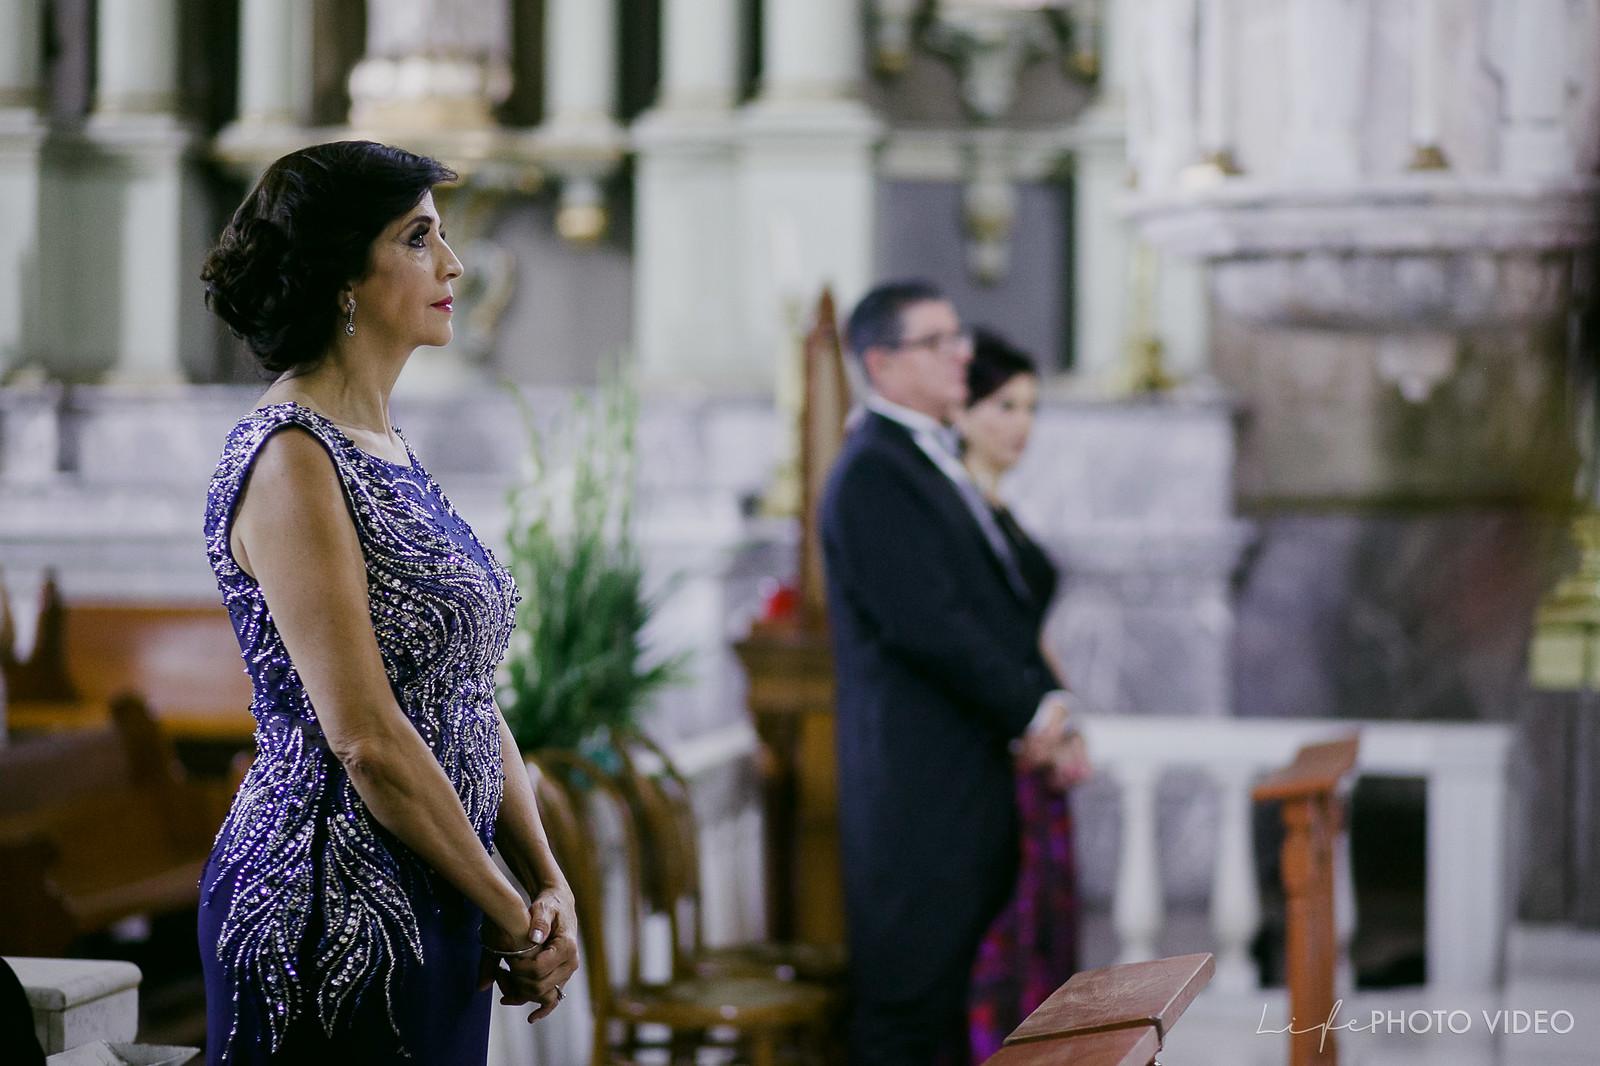 Boda_Leon_Guanajuato_Wedding_0072